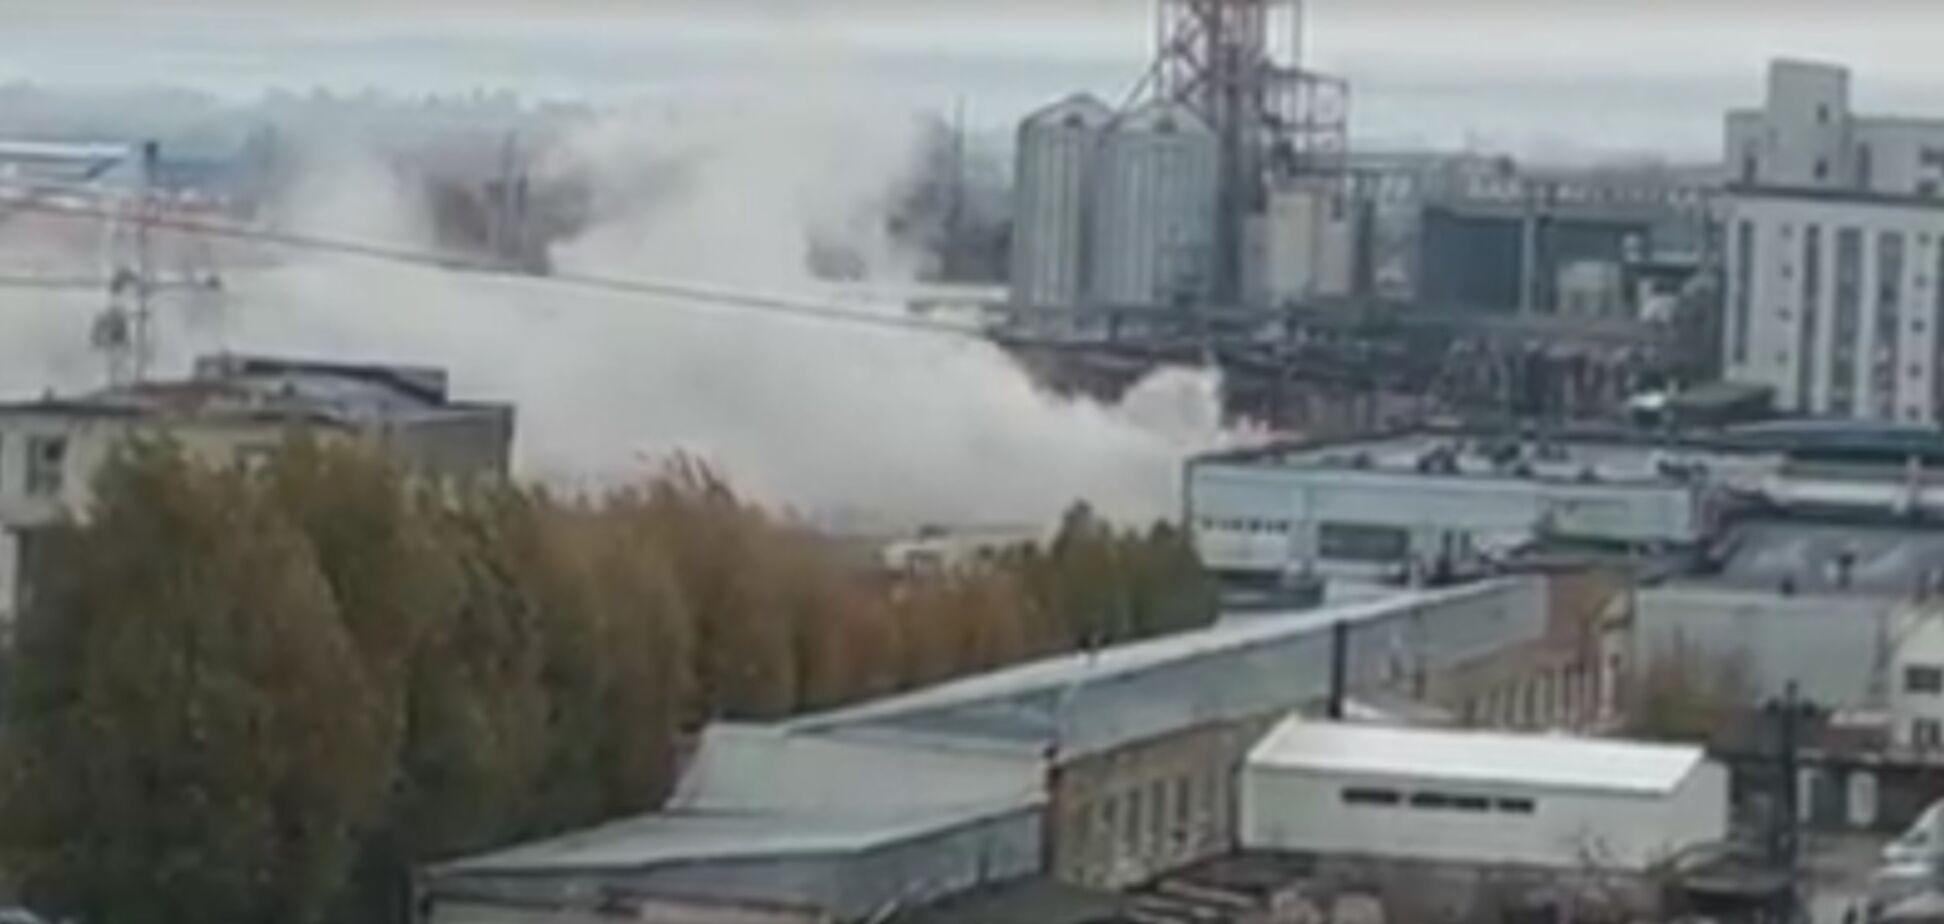 Біля заводу 'Потоки' в Дніпрі спалахнула пожежа